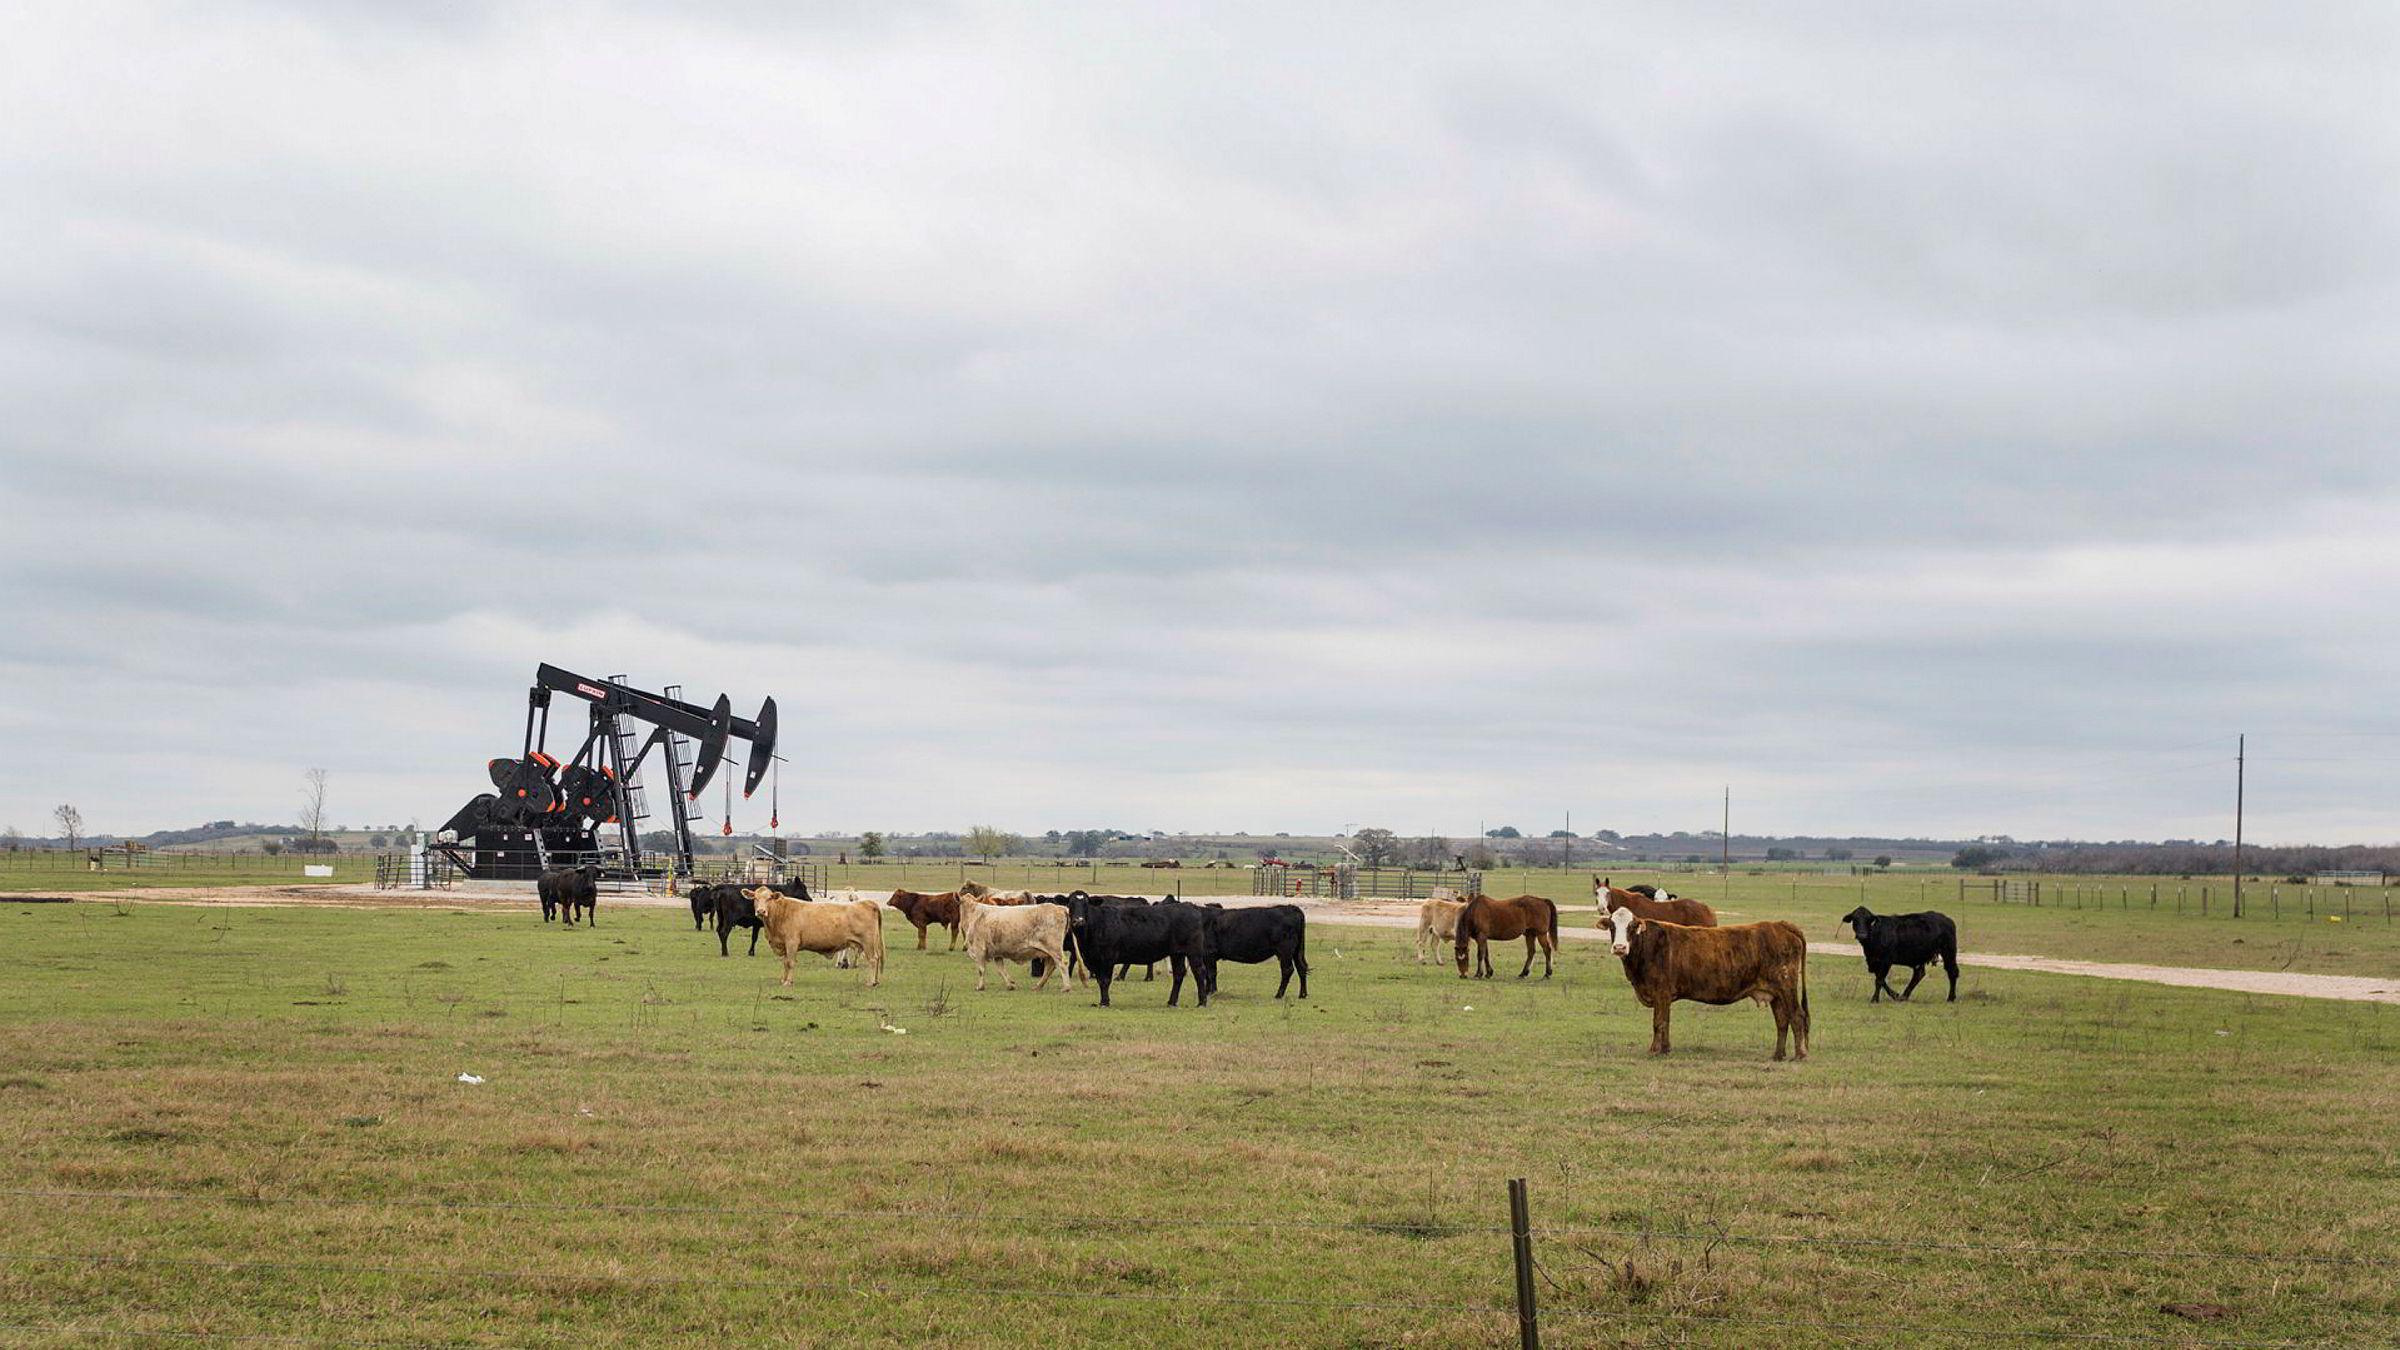 Equinor har gitt etter for presset og vil endelig publisere kvartalstall løpende for virksomheten i USA. Det skjer seks år etter at Finanstilsynet anbefalte selskapet å gjøre nettopp det. Bildet er fra selskapets pumpestasjoner for skifergass i Texas.